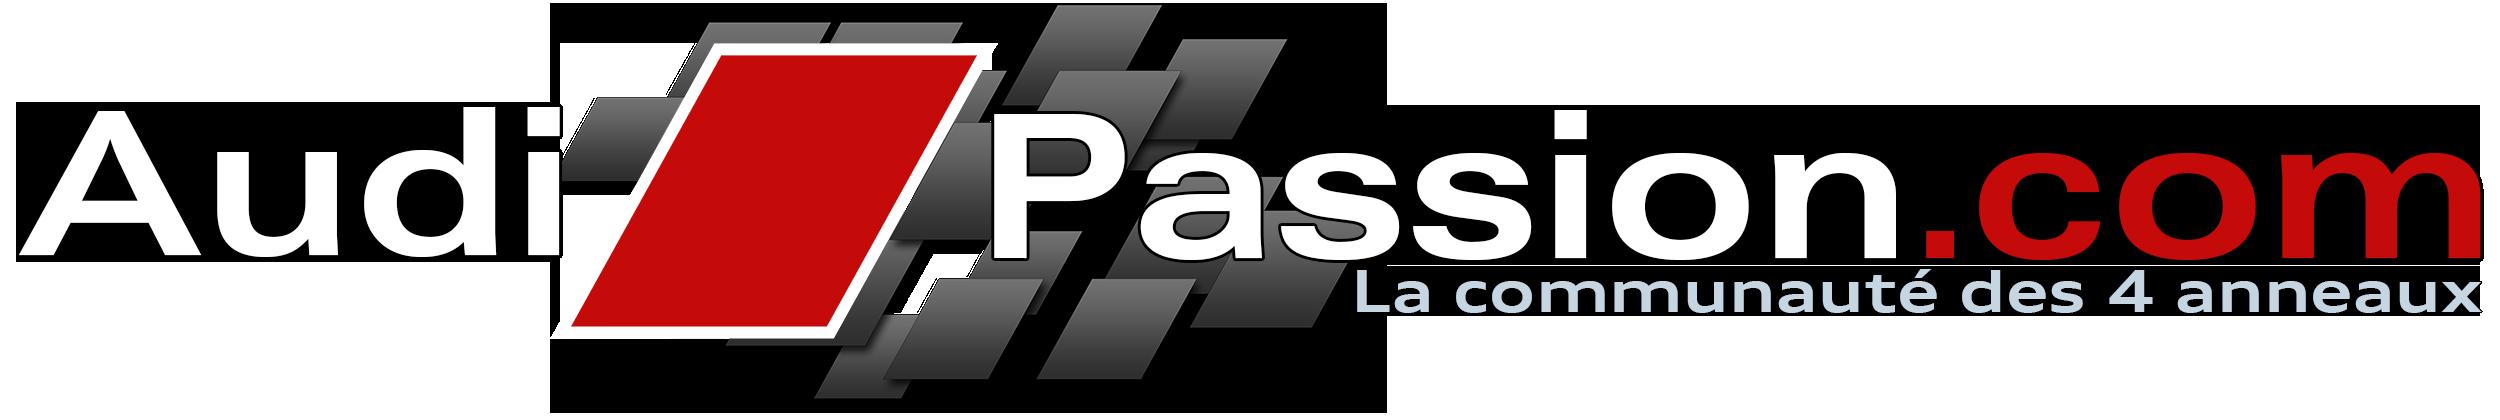 AP_Logo-Stickers_000_2500px_Transparent_v3.png